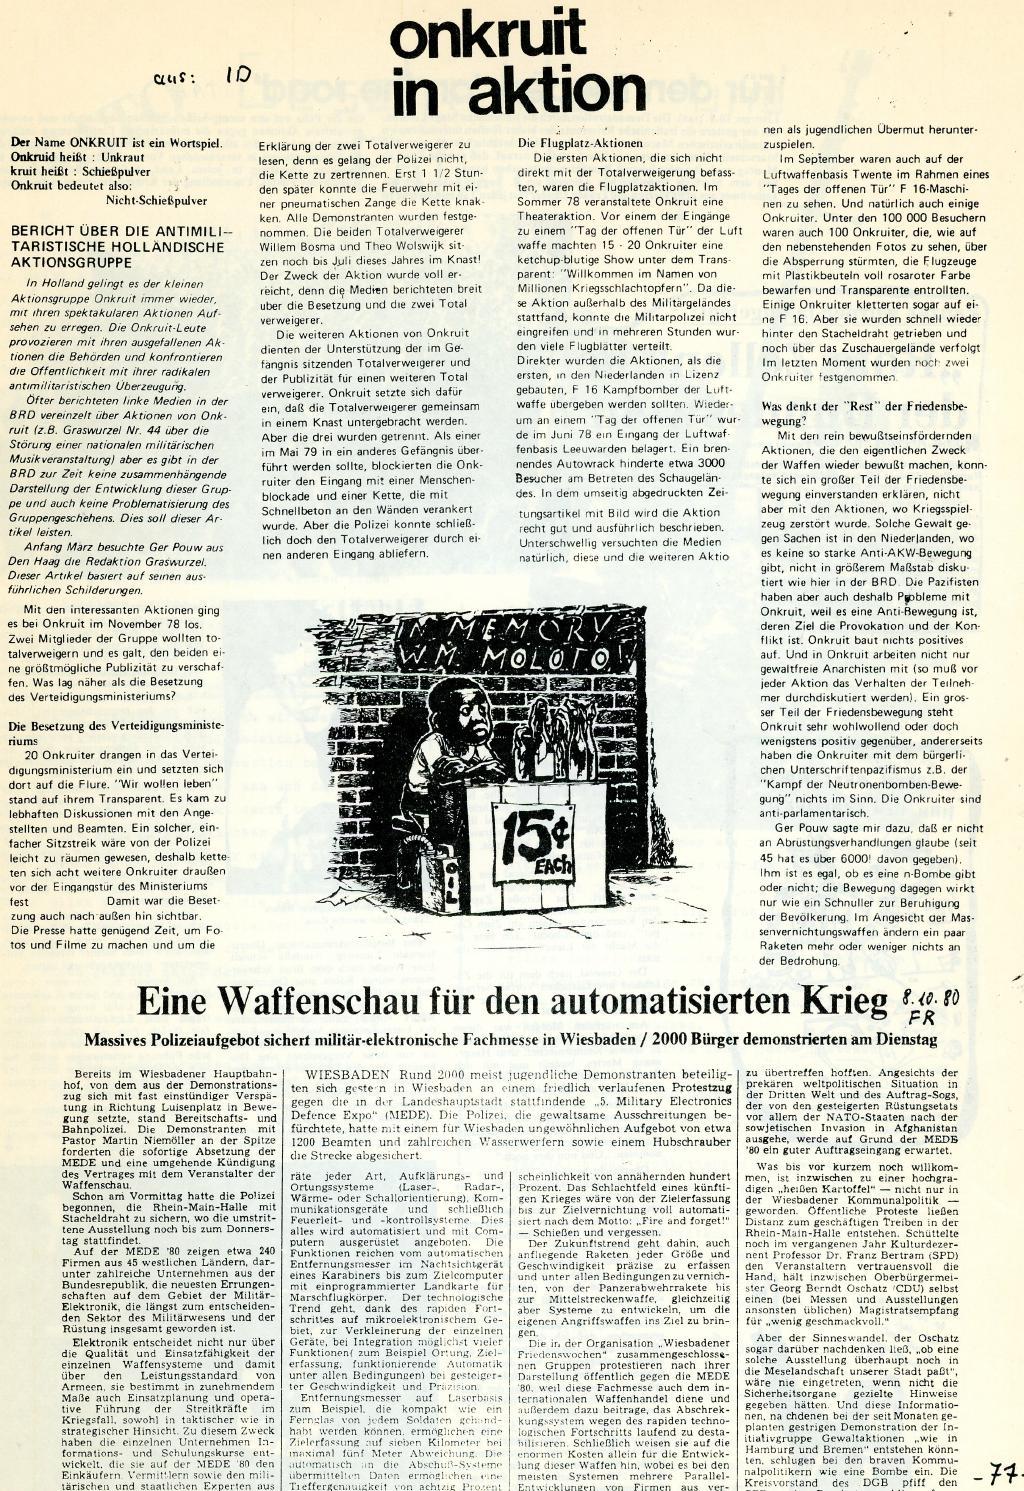 Bremen_1980_NATO_Broschuere_77